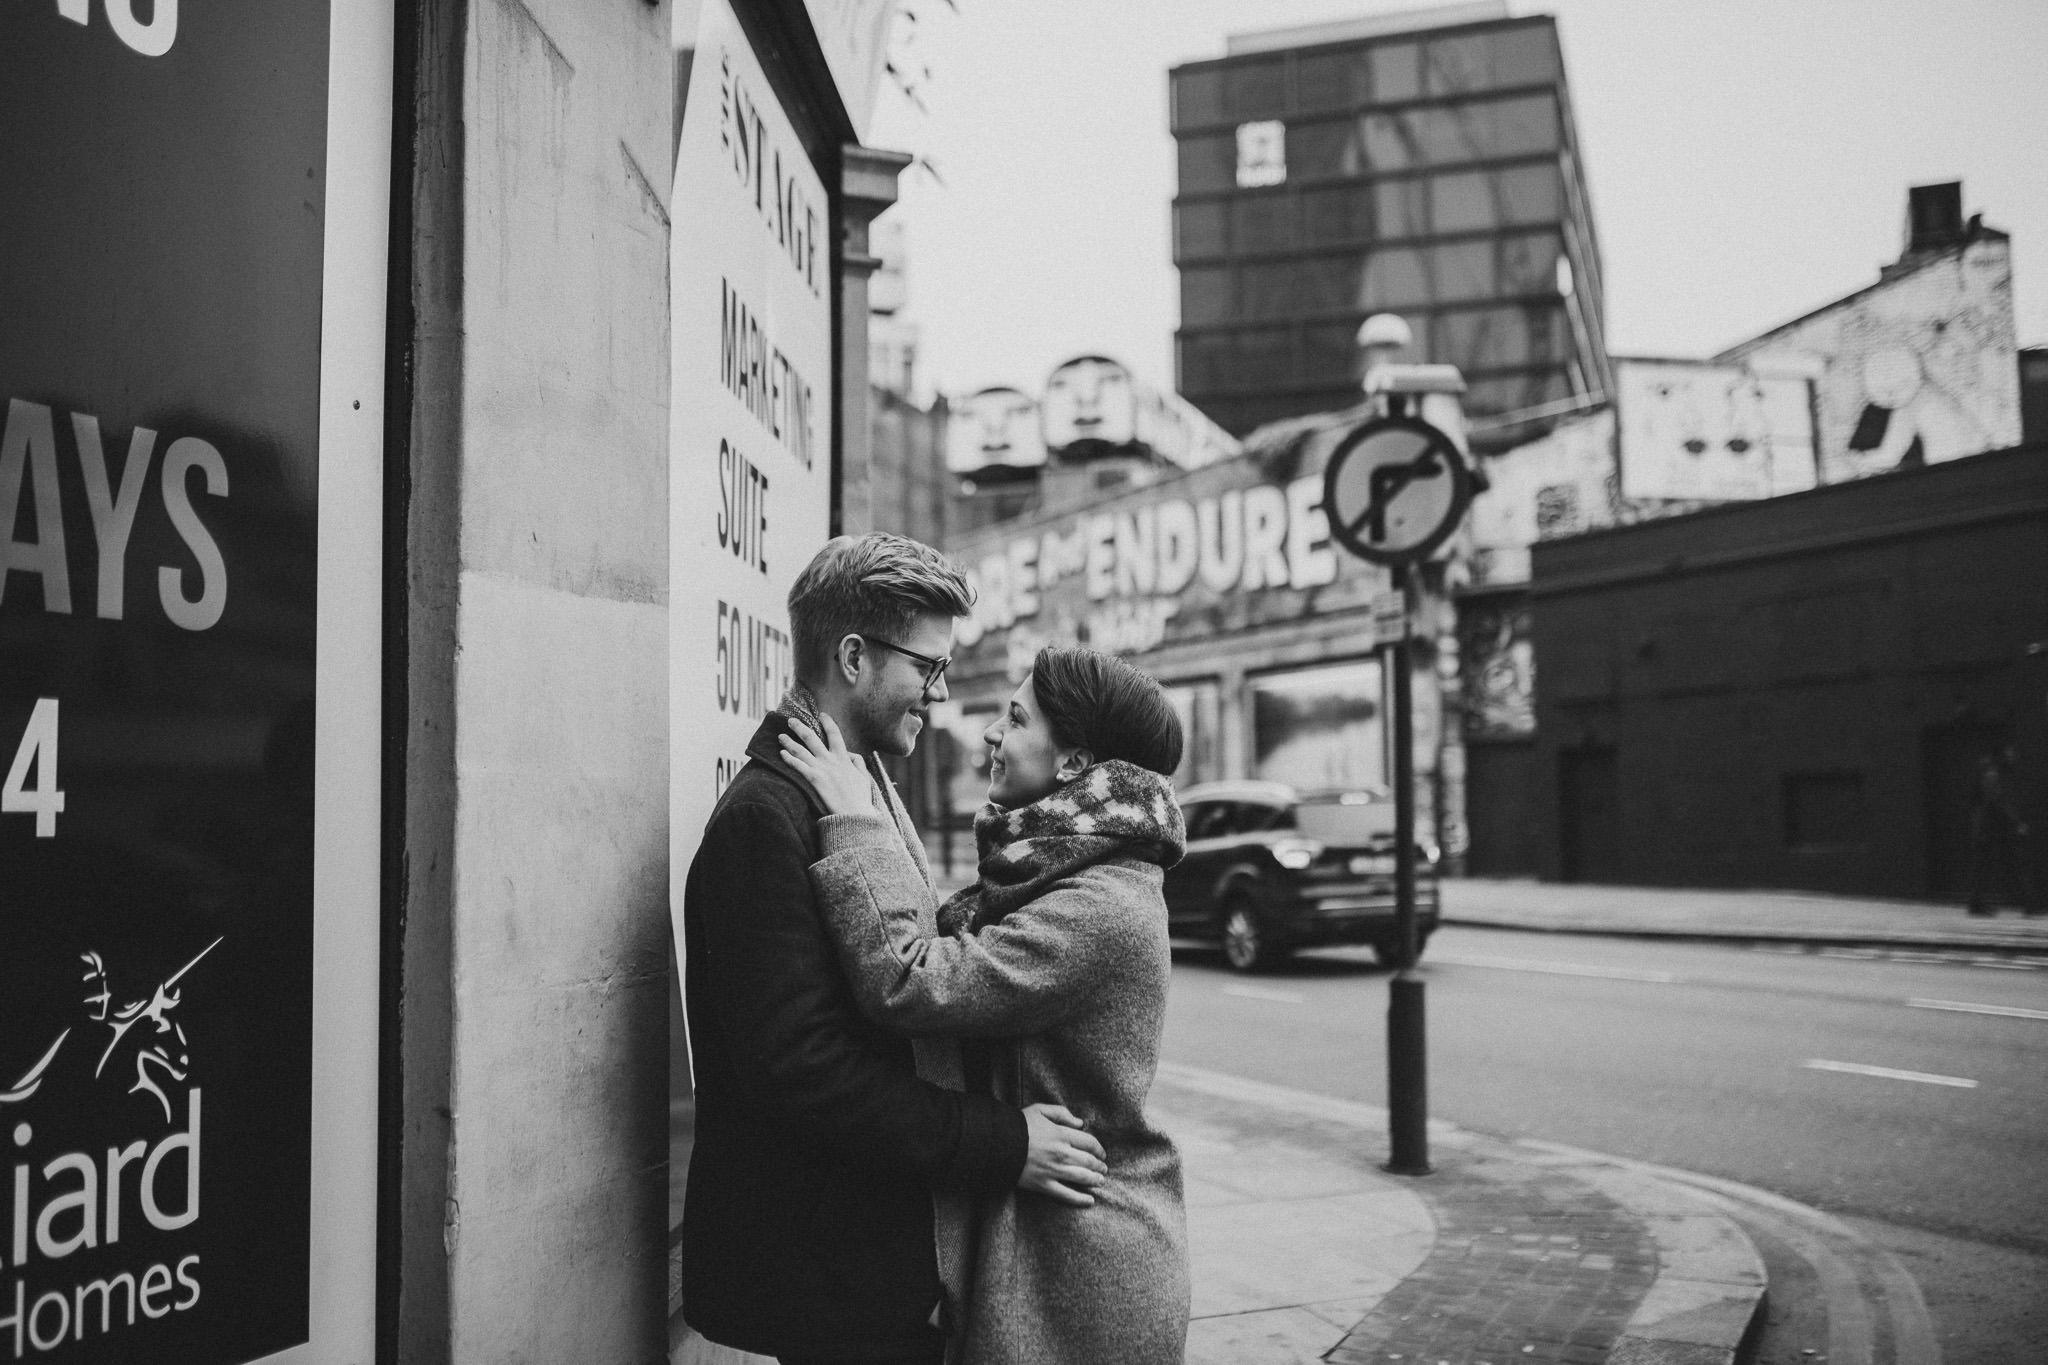 hochzeit-mannheim-engagement-wedding-heidelberg-london-shoreditch